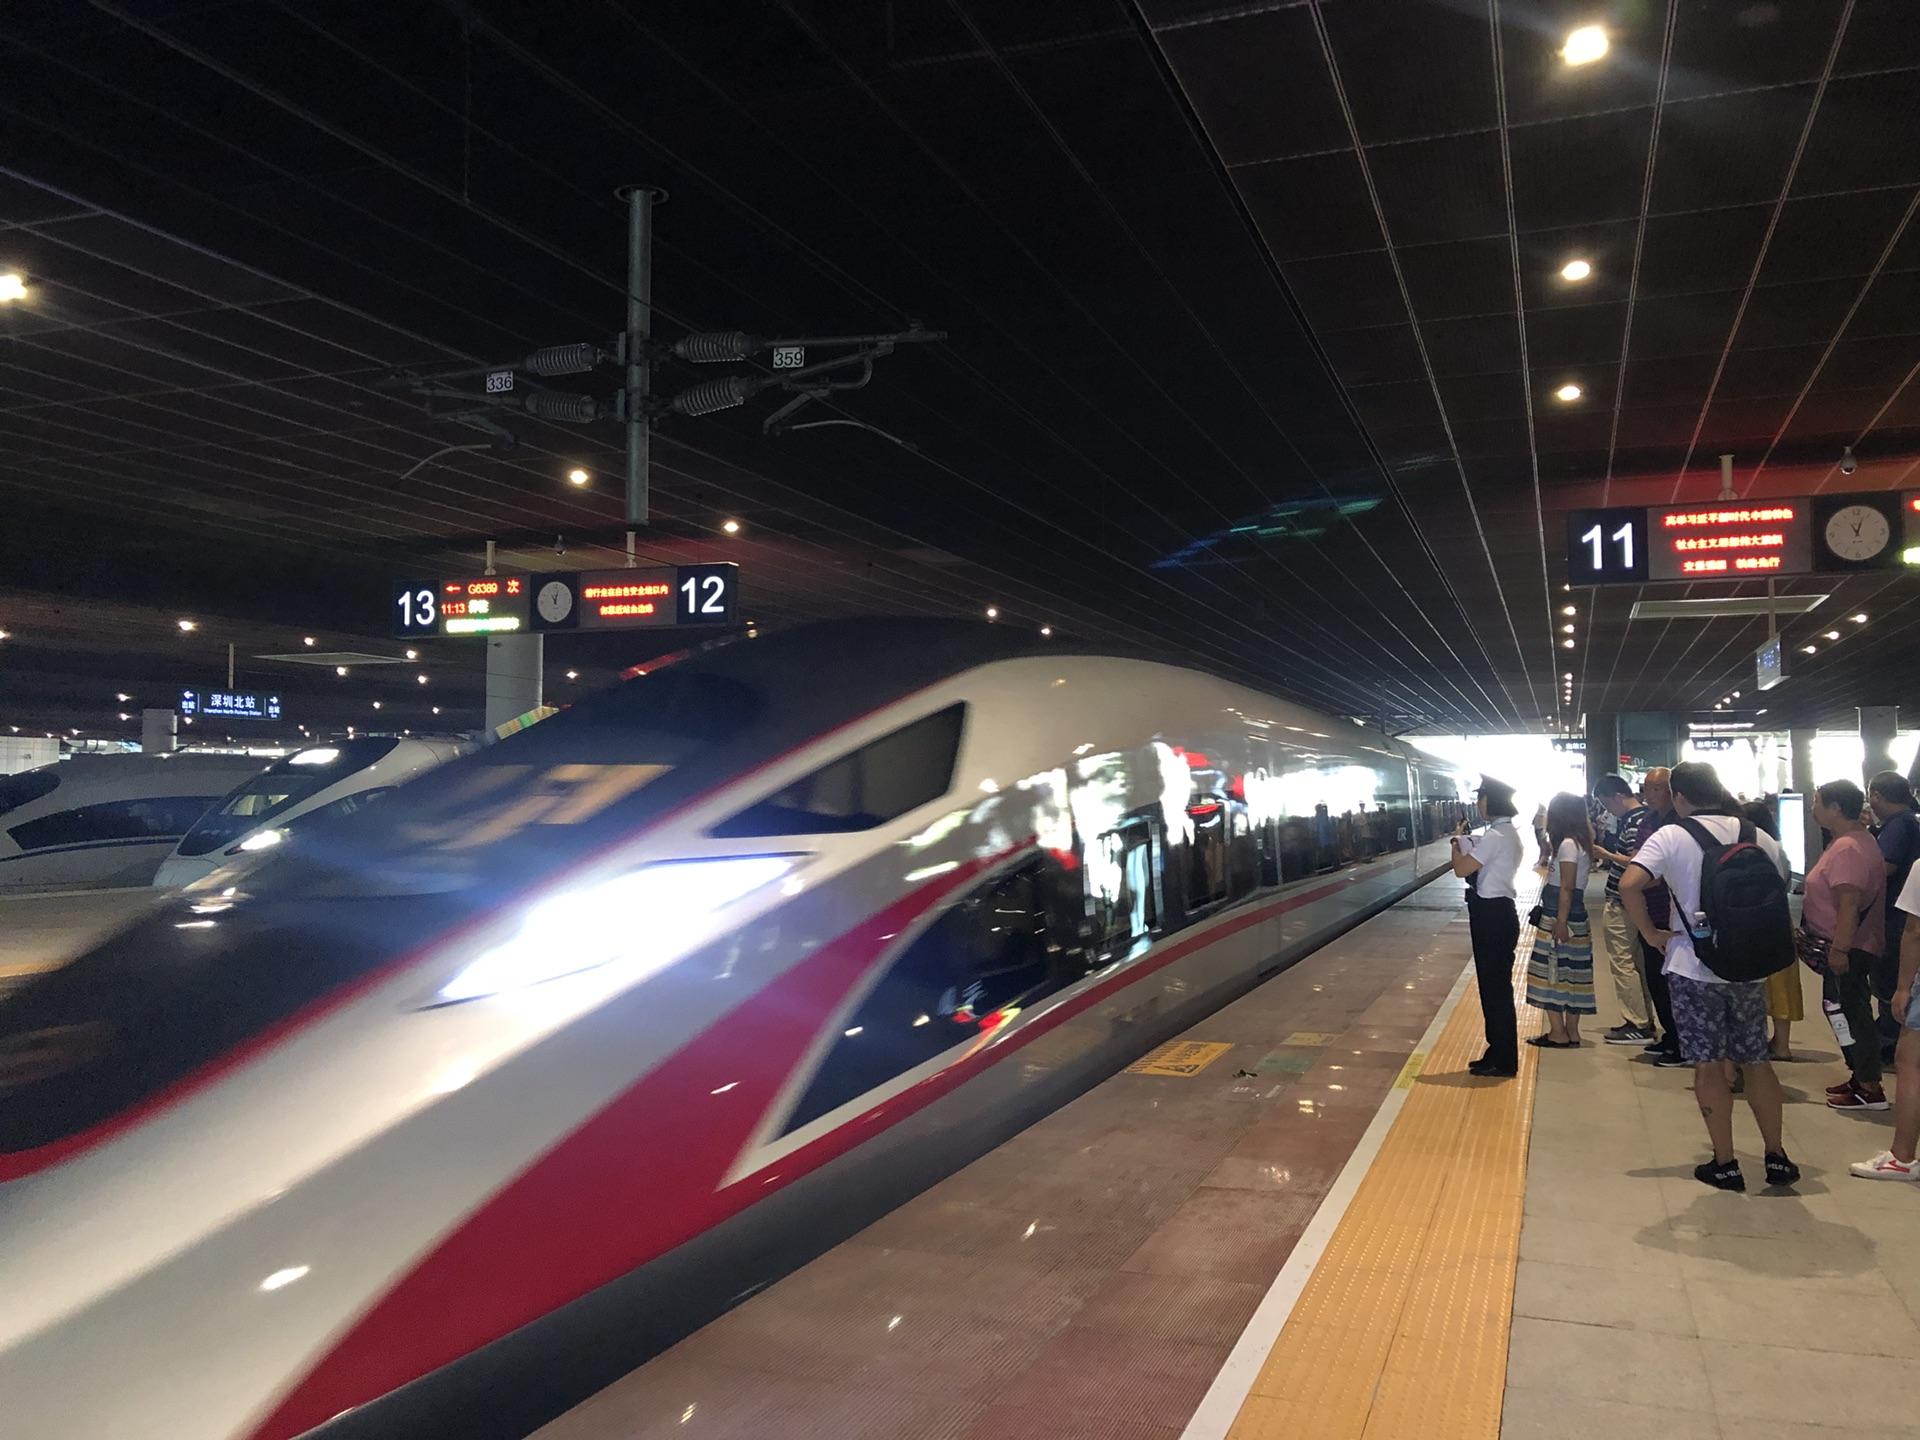 【香港高铁】香港高铁的罚单,可不是吃素的